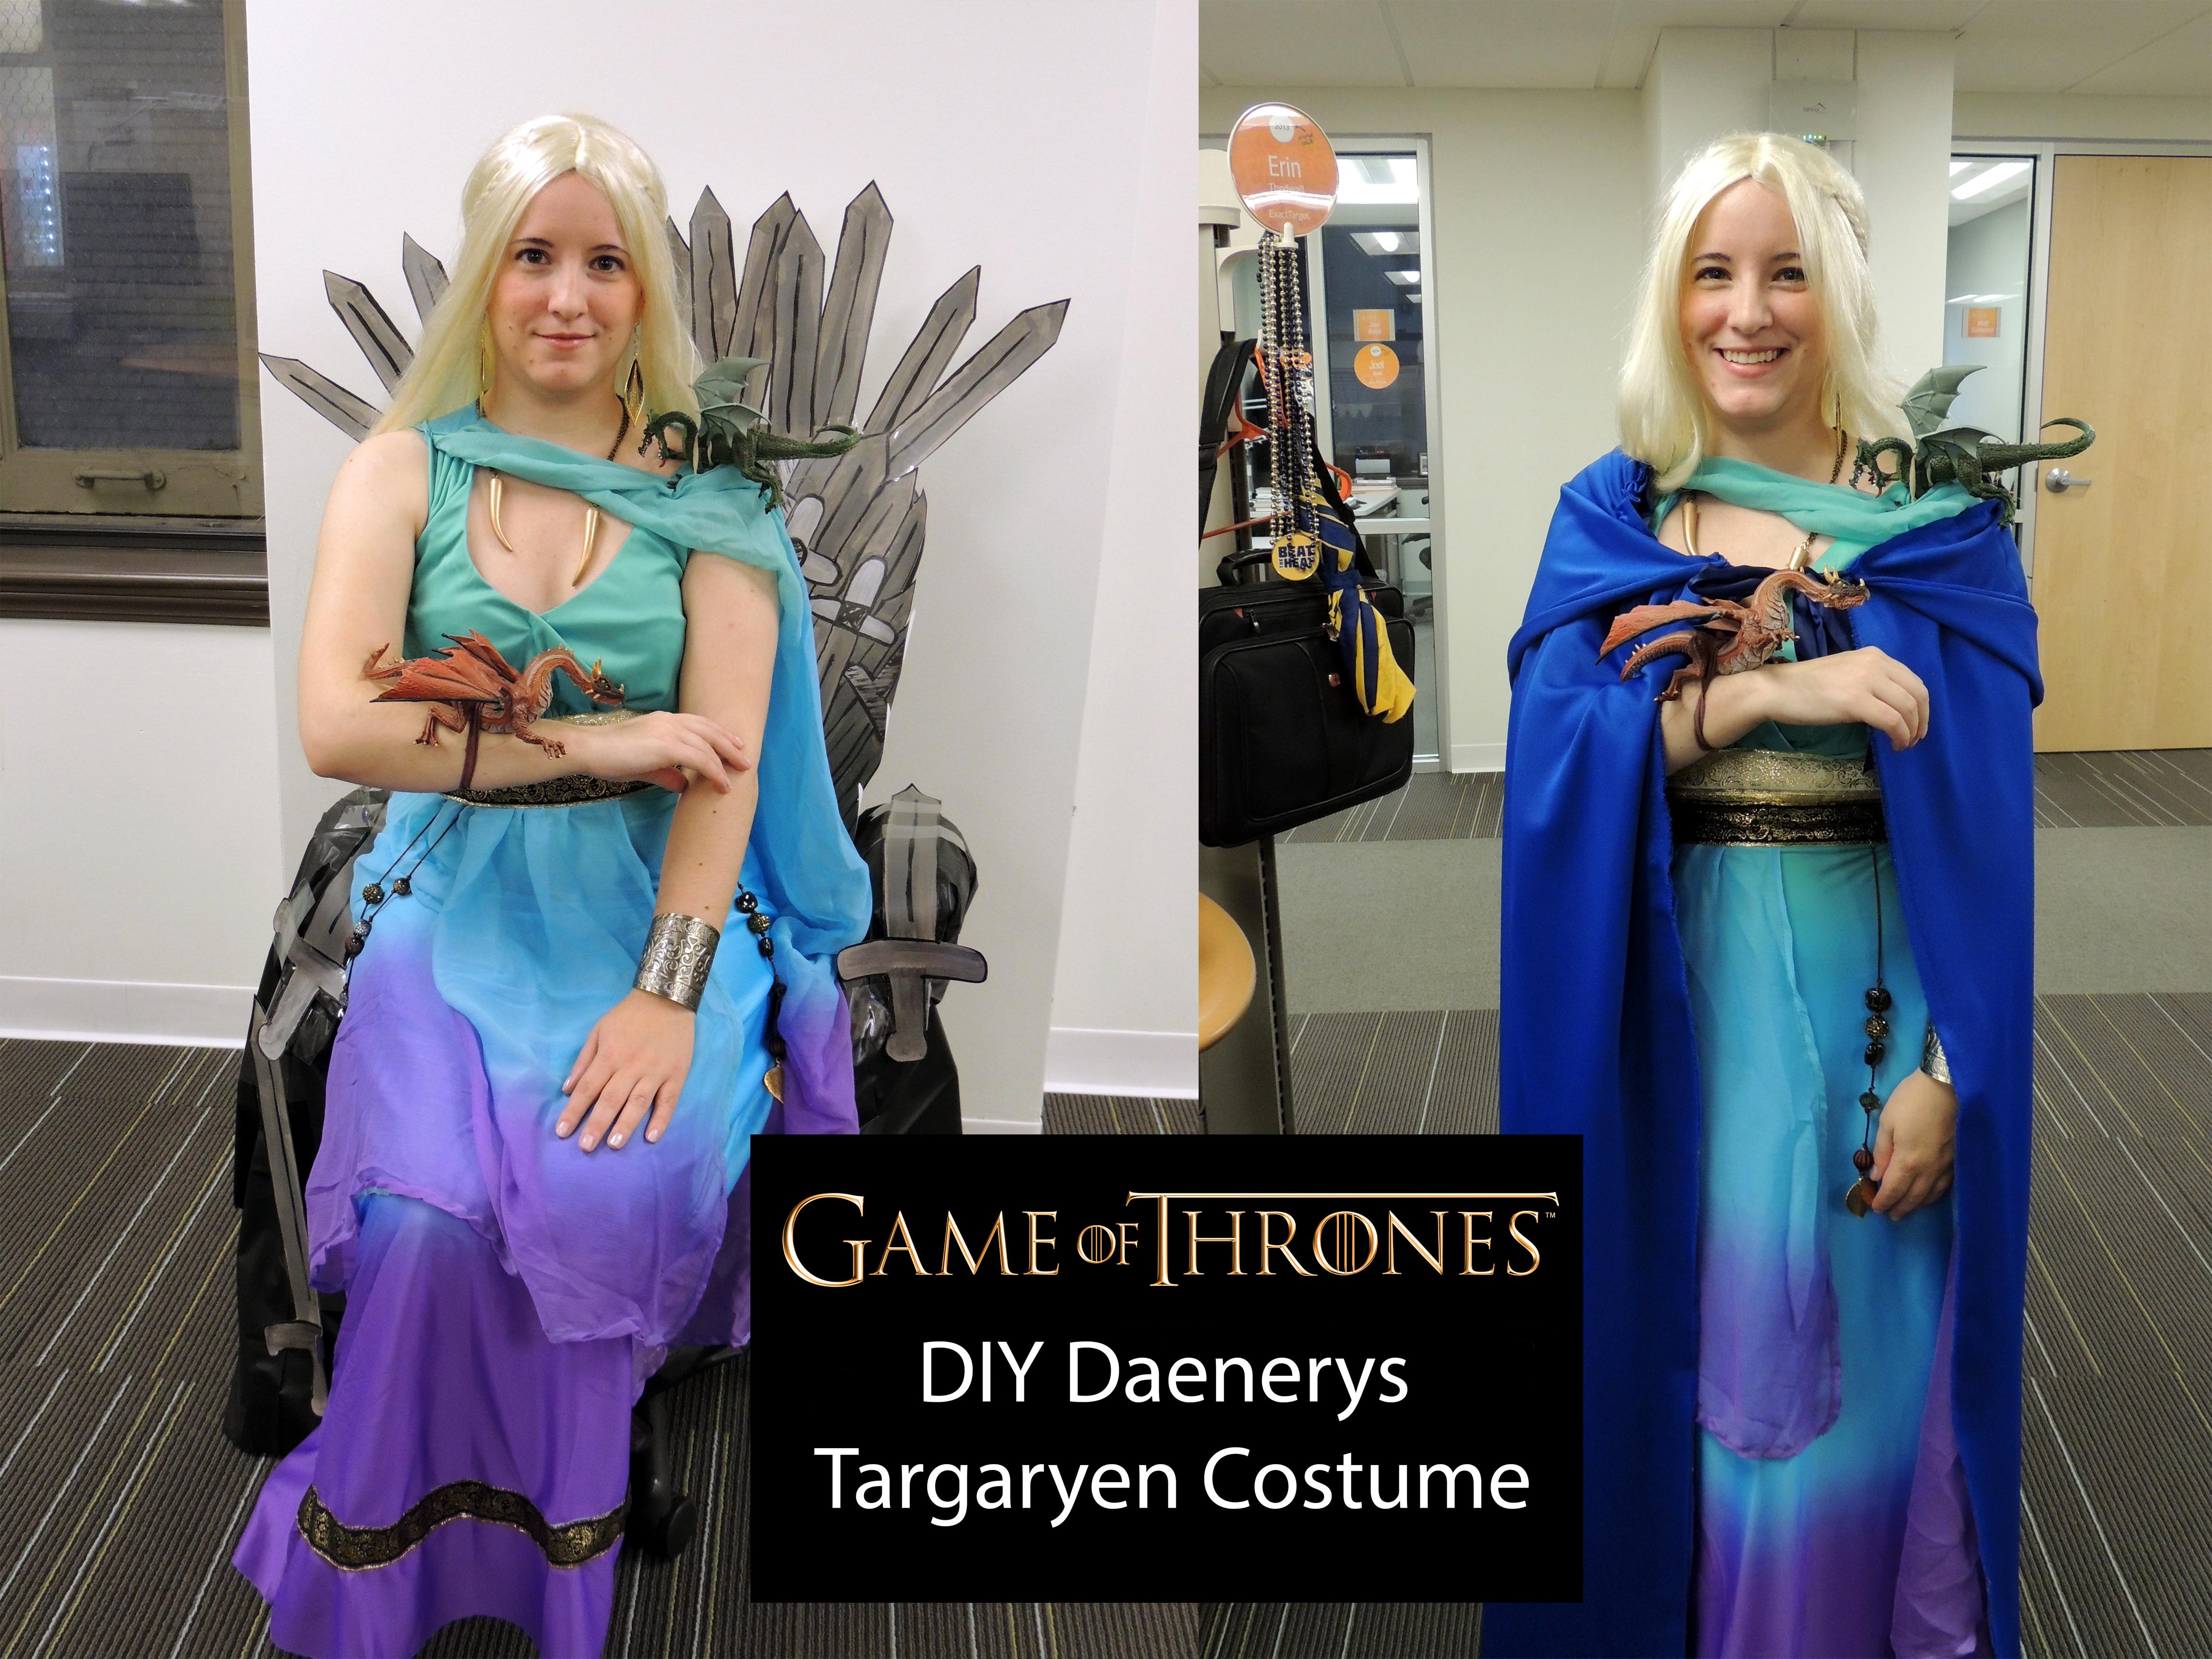 Diy Daenerys Targaryen Costume Erin Thedwall